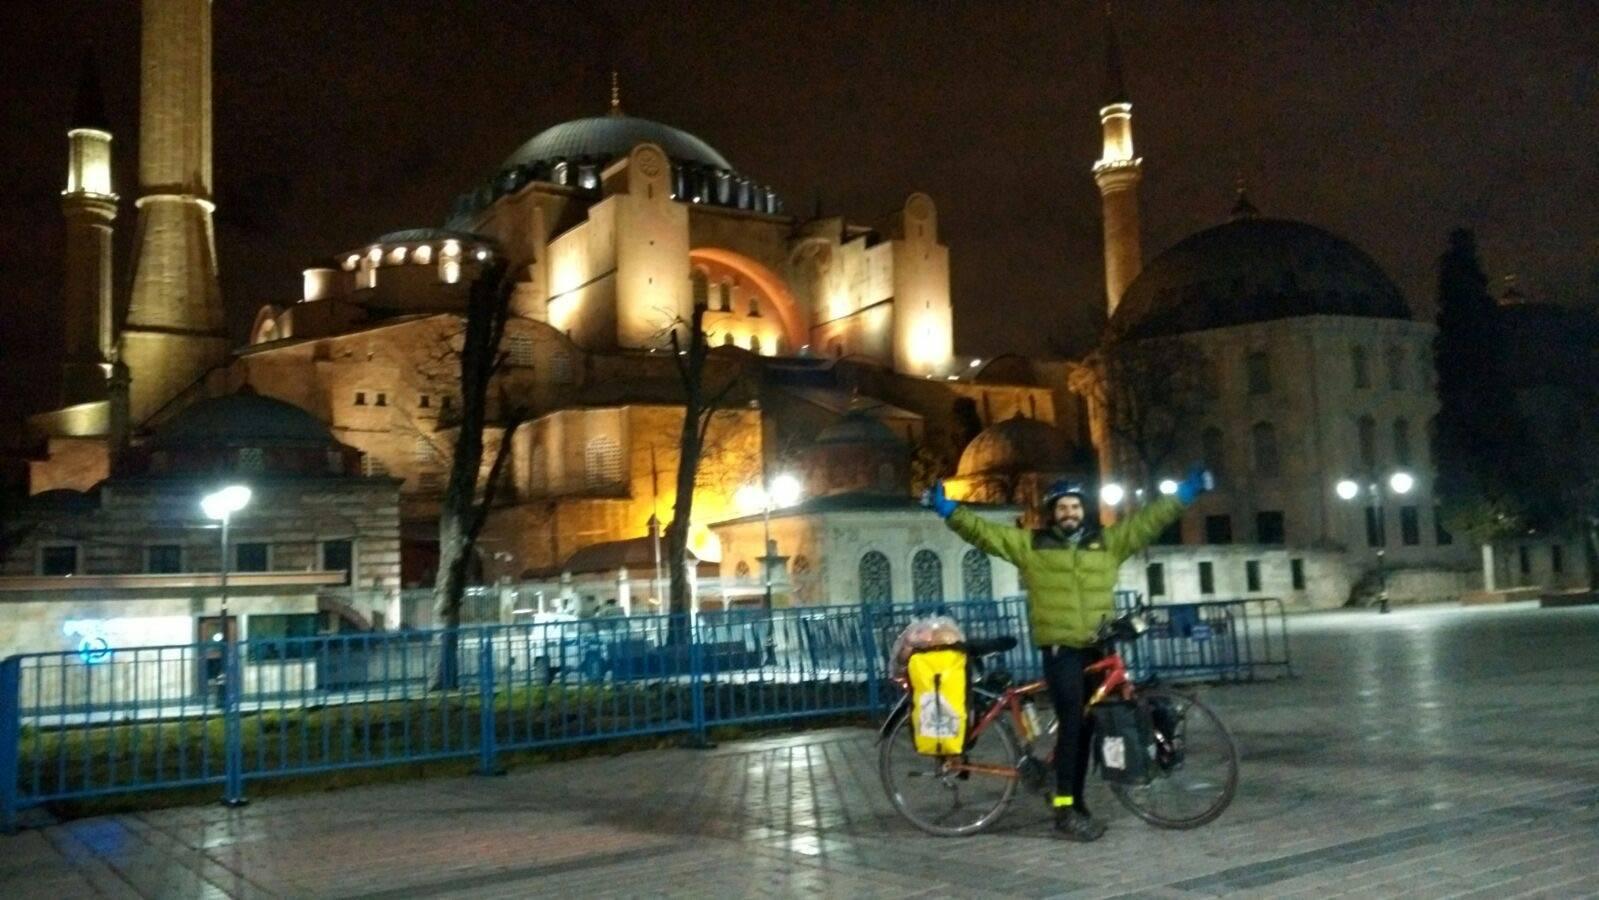 Etapa 31 Perle entrando en Turquia24 - Perlé entrando en Turquía,el continente asiático se presenta ante nuestro caballero